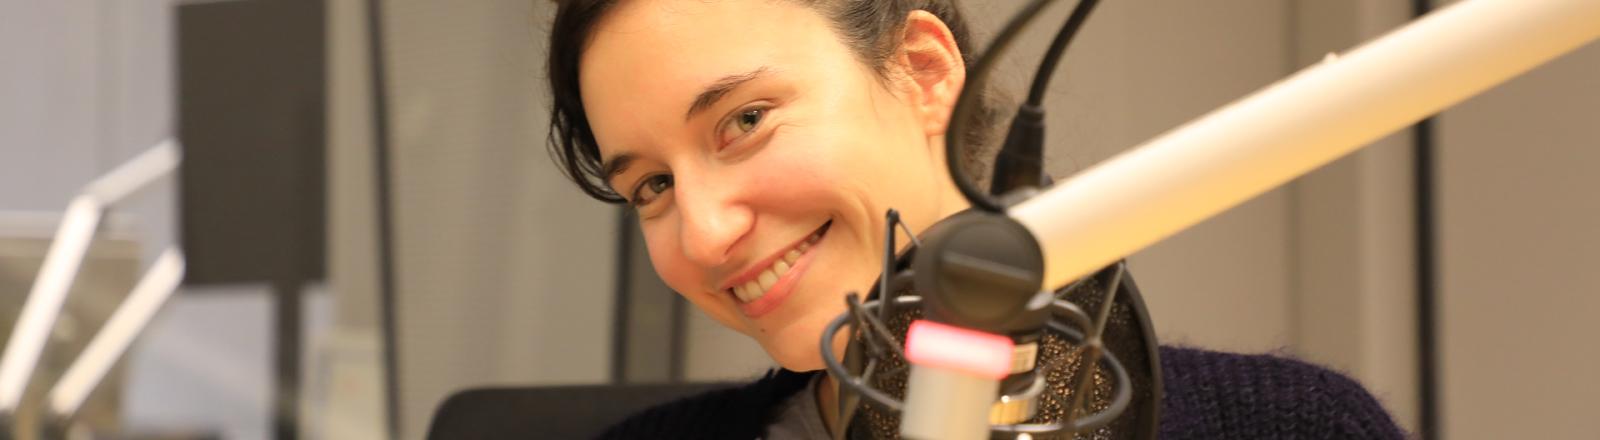 Karolin Klüppel im Studio